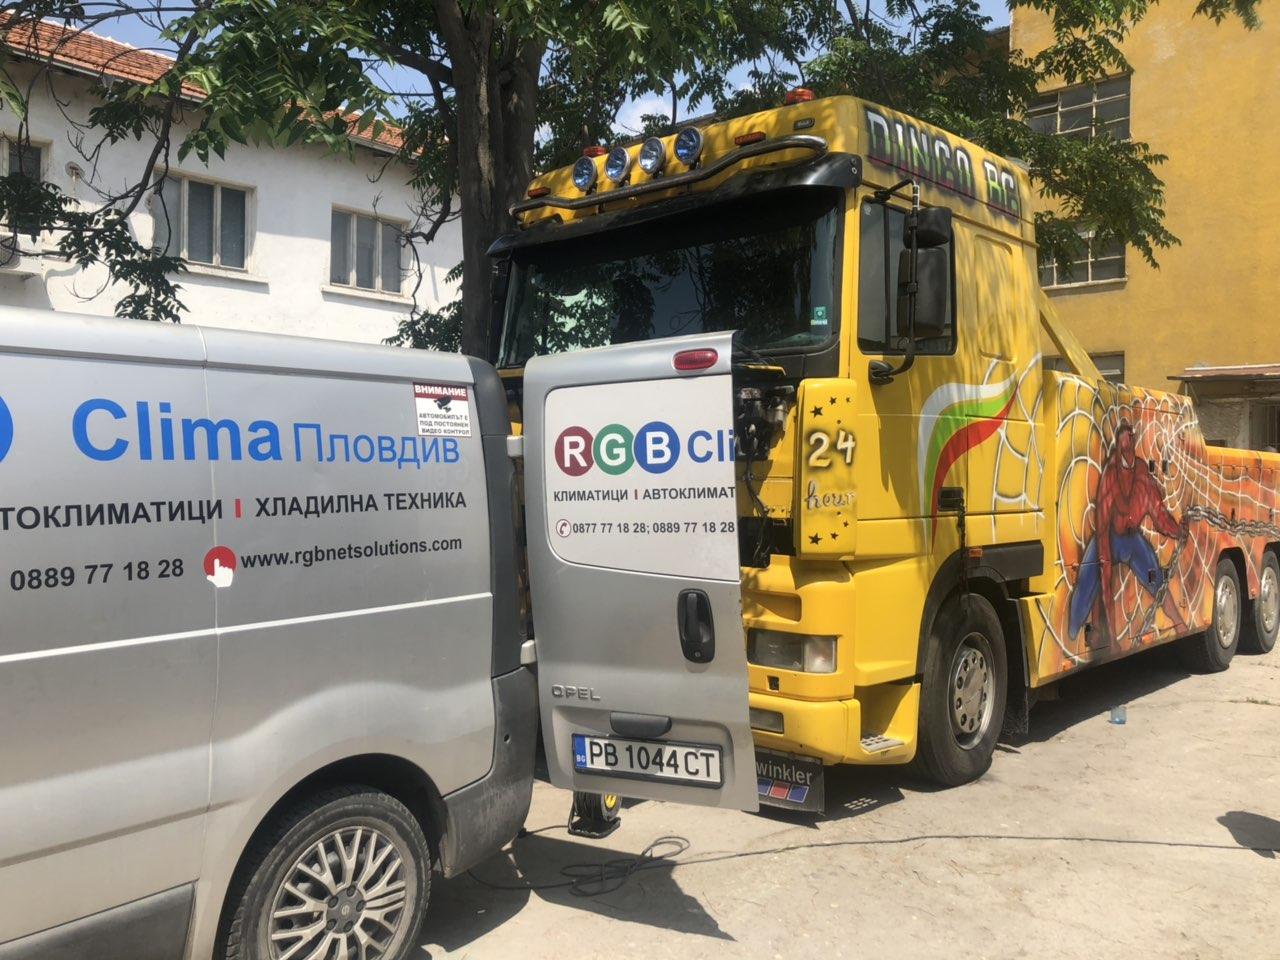 Зареждане на атоклиматик на камион с нашия специализиран микробус